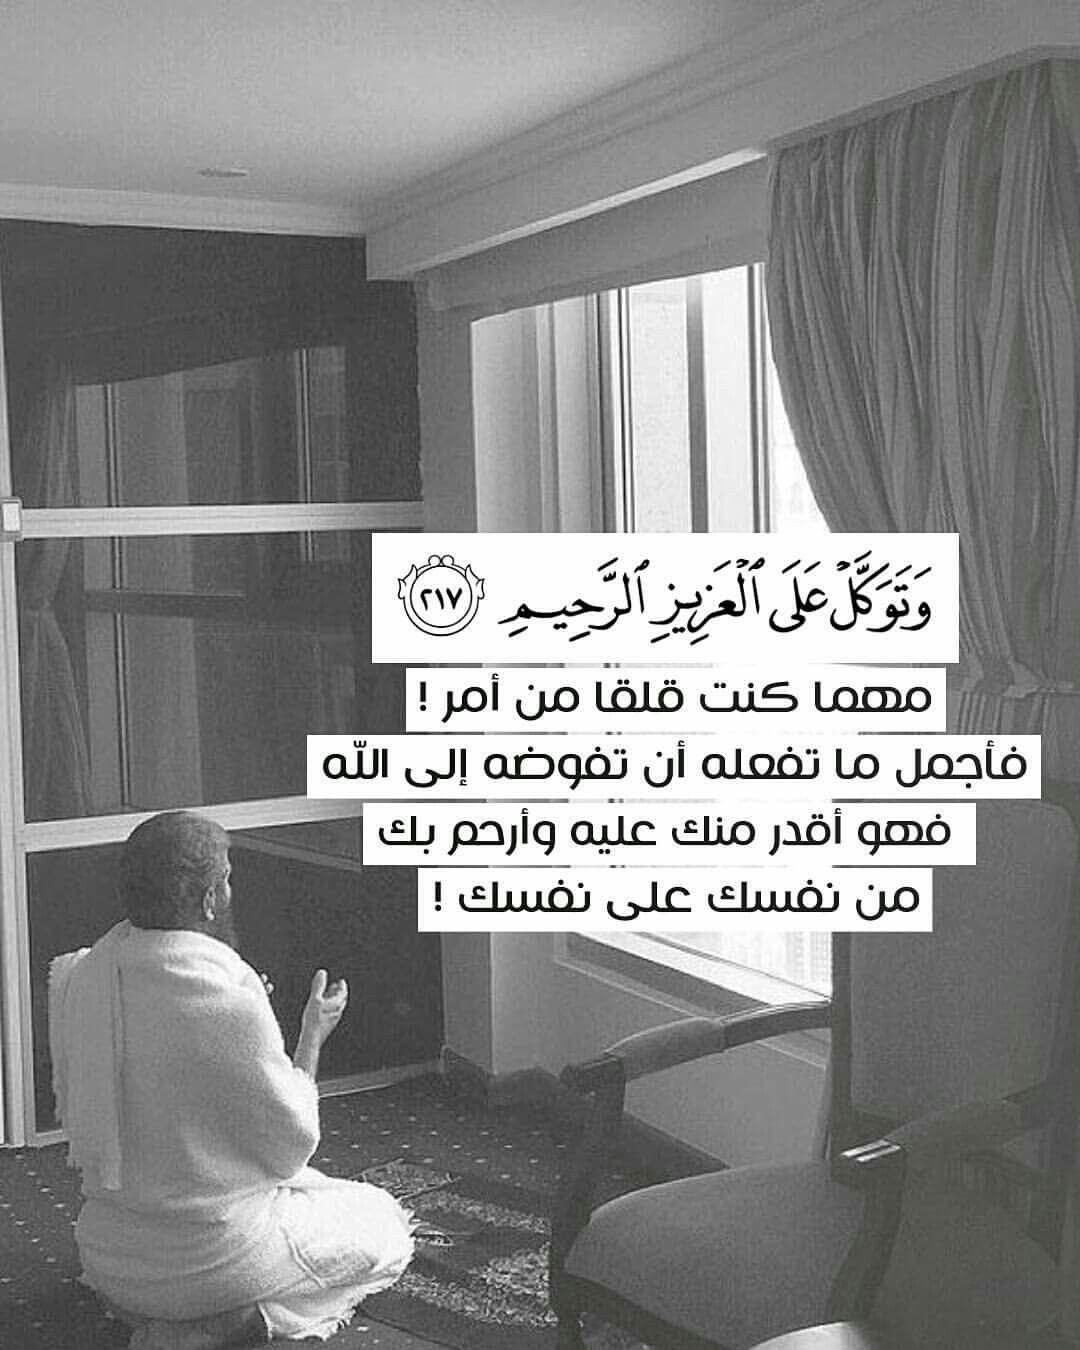 Desertrose حسبي الله ونعم الوكيل نعم المولى ونعم النصير Quran Quotes Quran Arabic Quran Verses